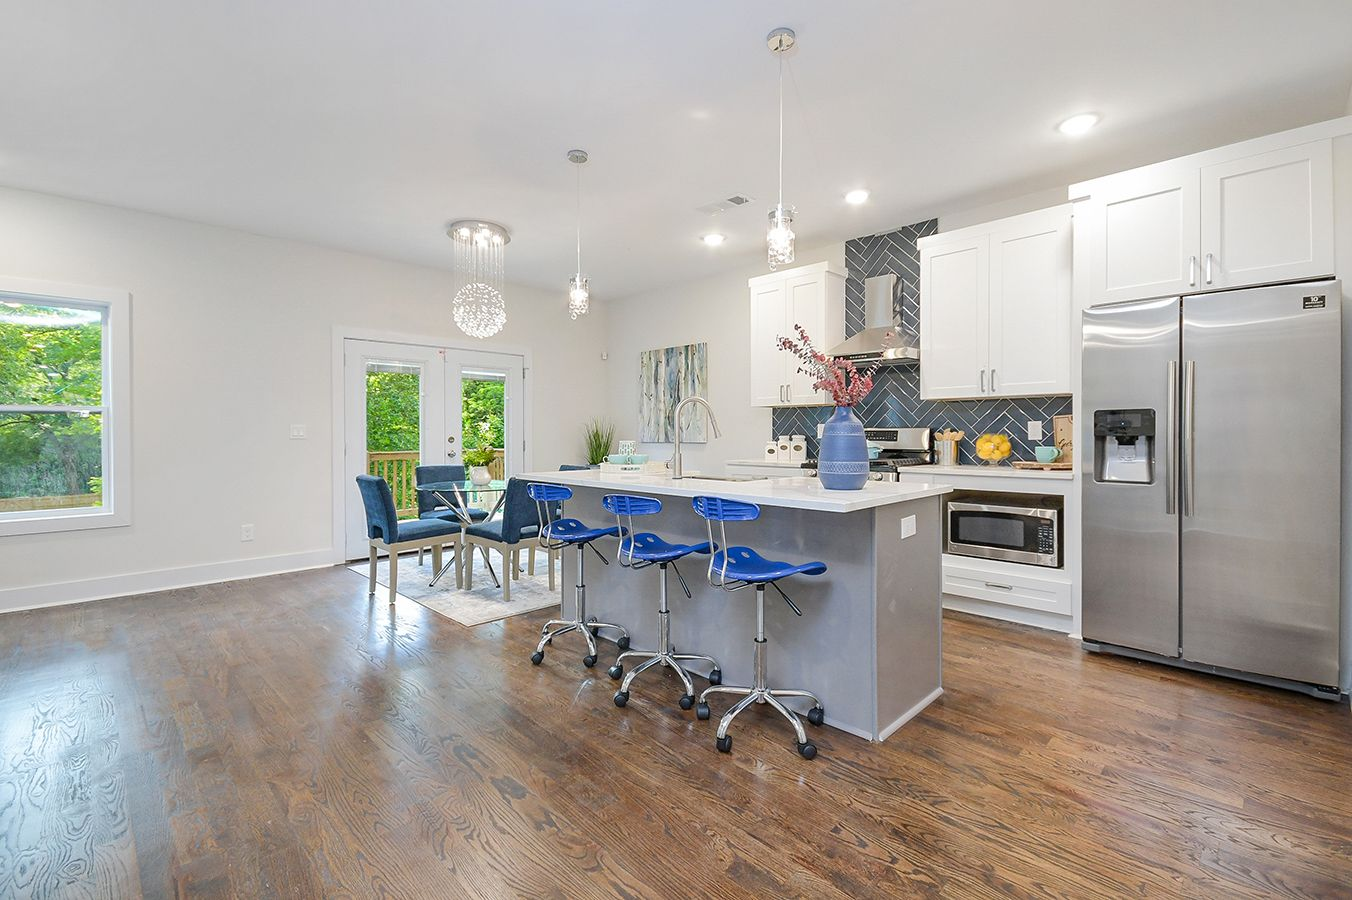 Kitchen_view1-2.jpg